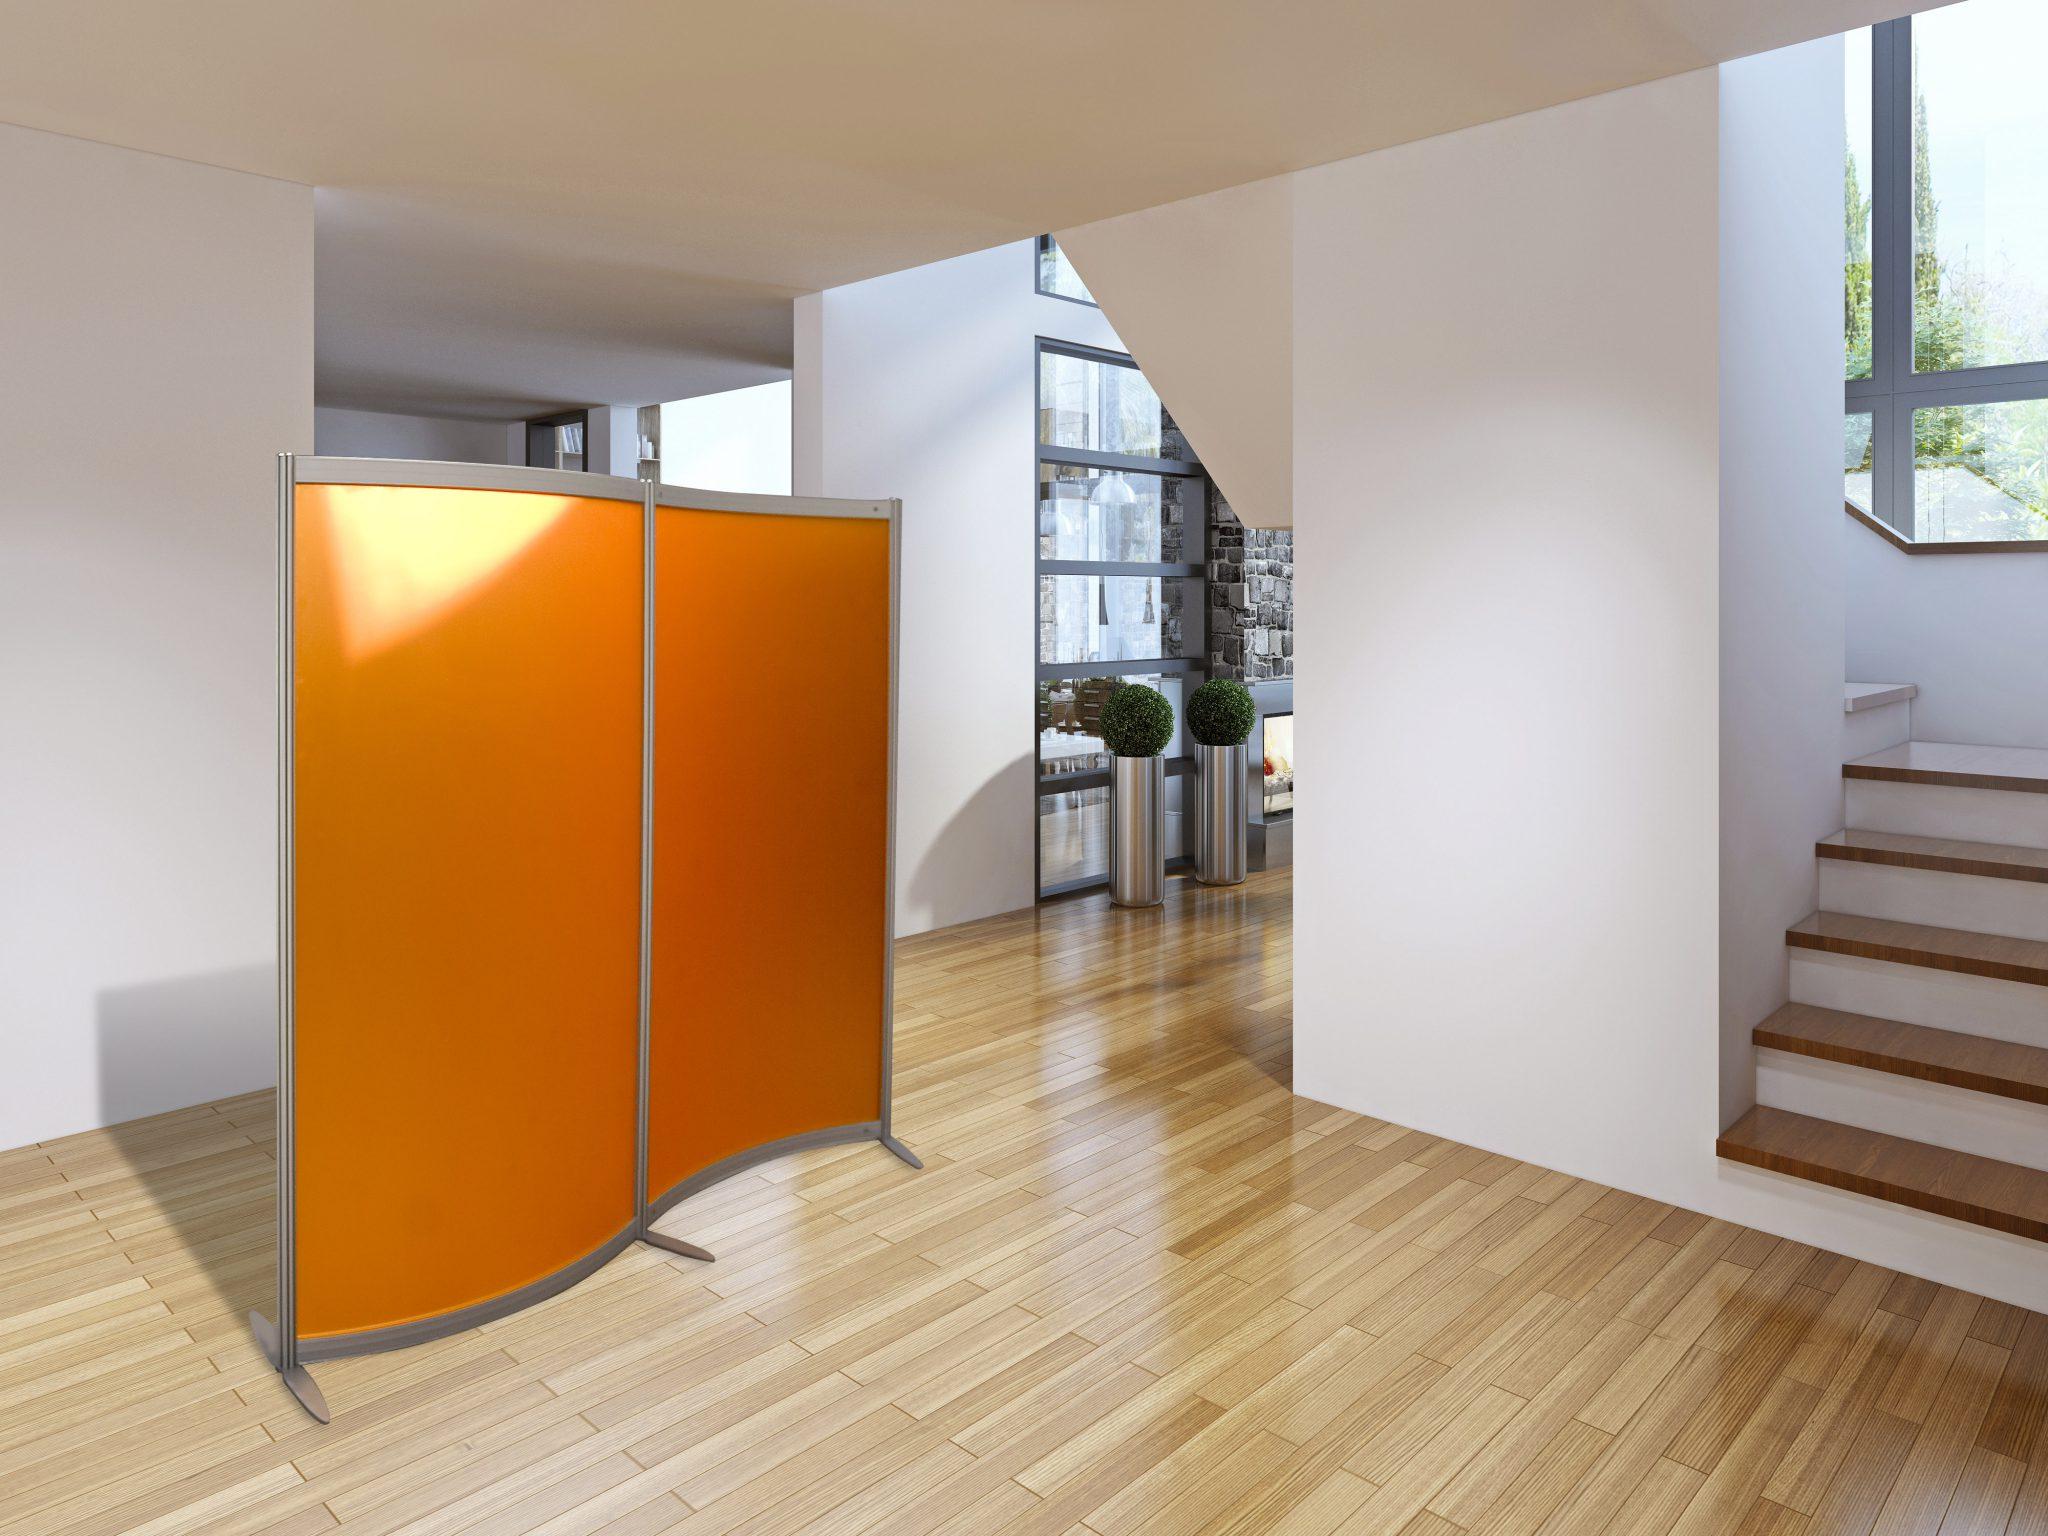 Pannelli divisori ufficio prezzi arredo ufficio prezzi caseificiovaltidone pareti divisorie - Pareti per ufficio prezzi ...